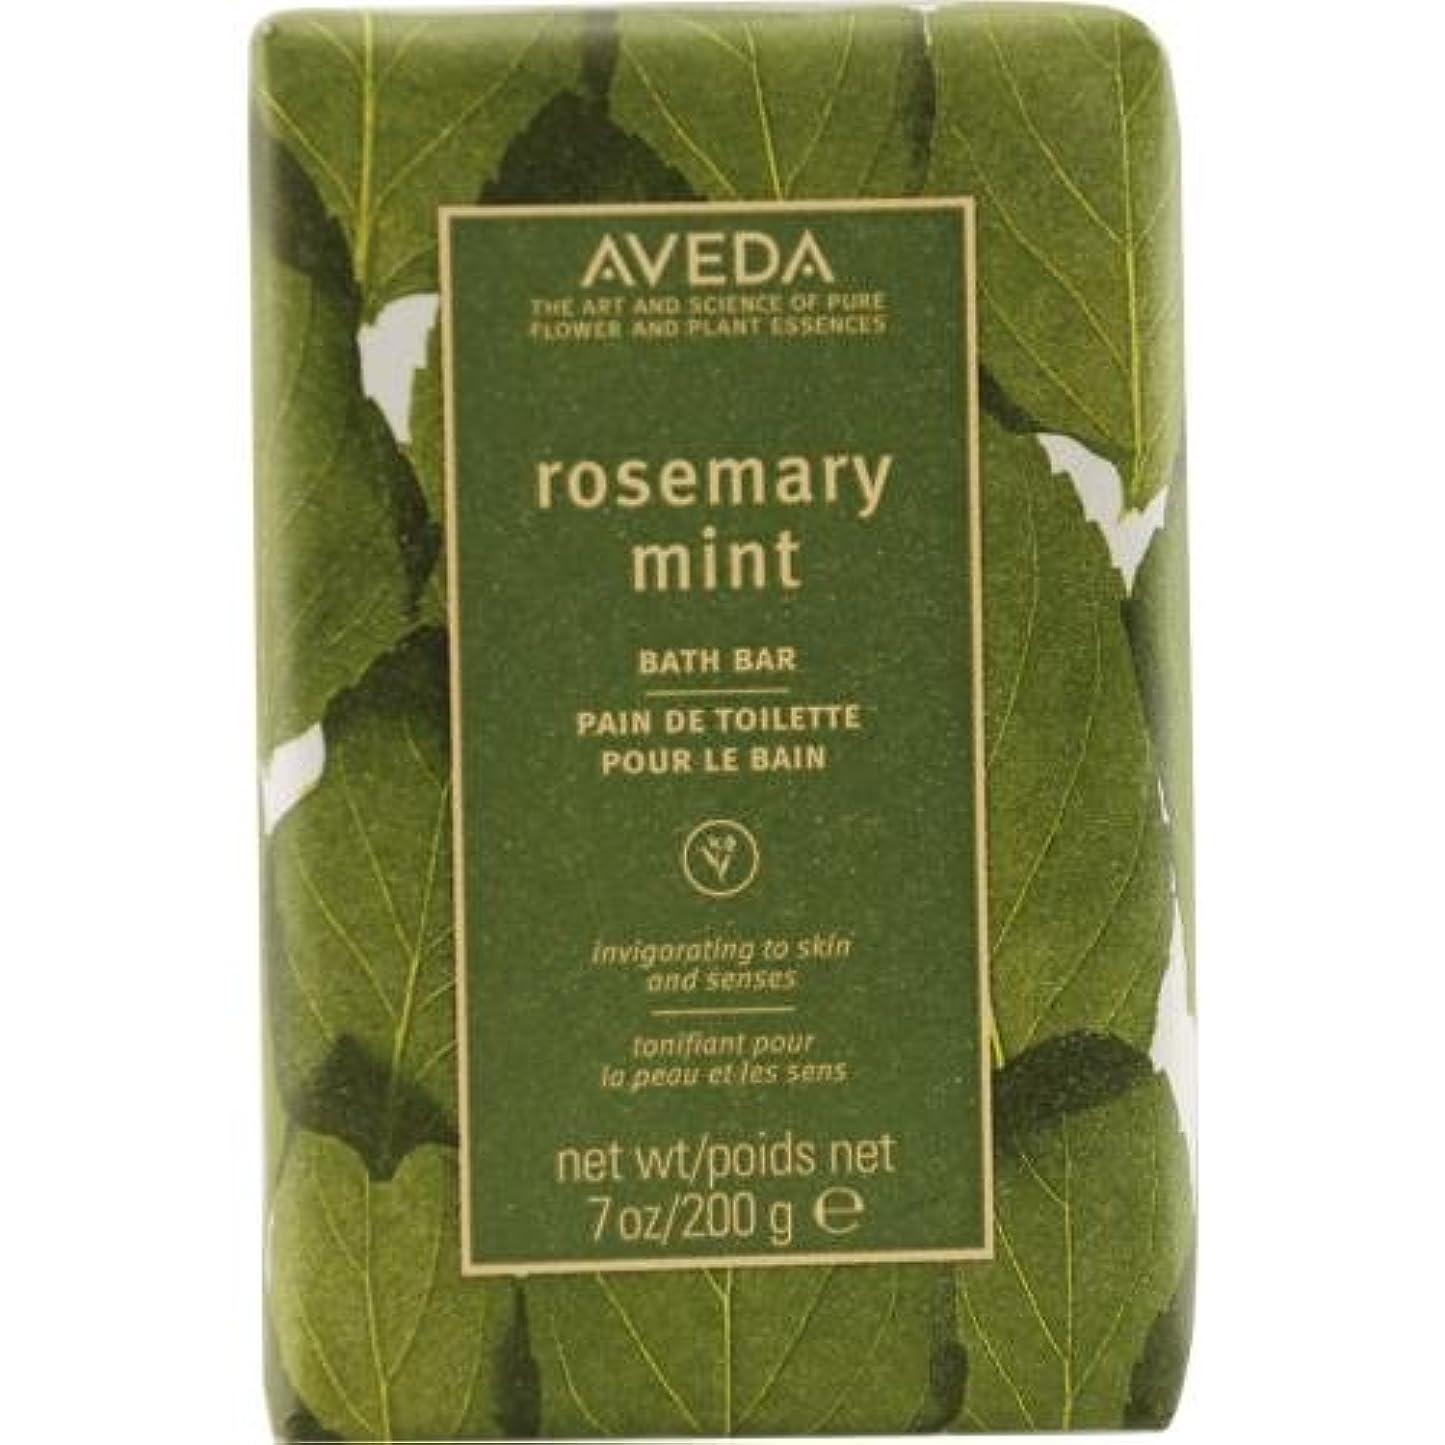 タワー奇妙な悲惨Aveda Skincare Rosemary Mint Bath Bar, 7-Ounce Box